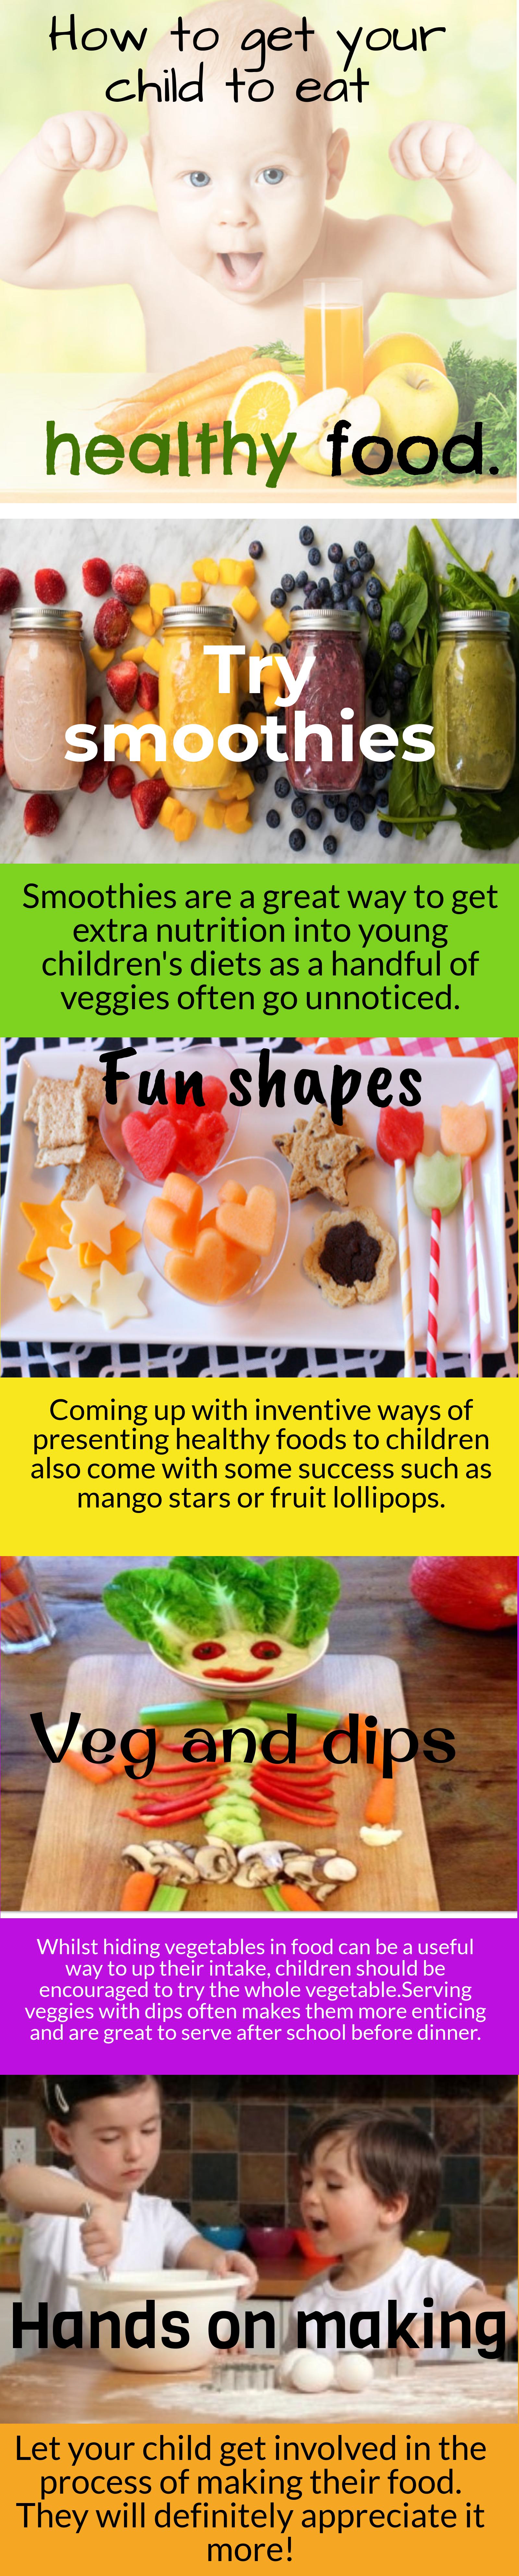 Getting kids eating healthier food